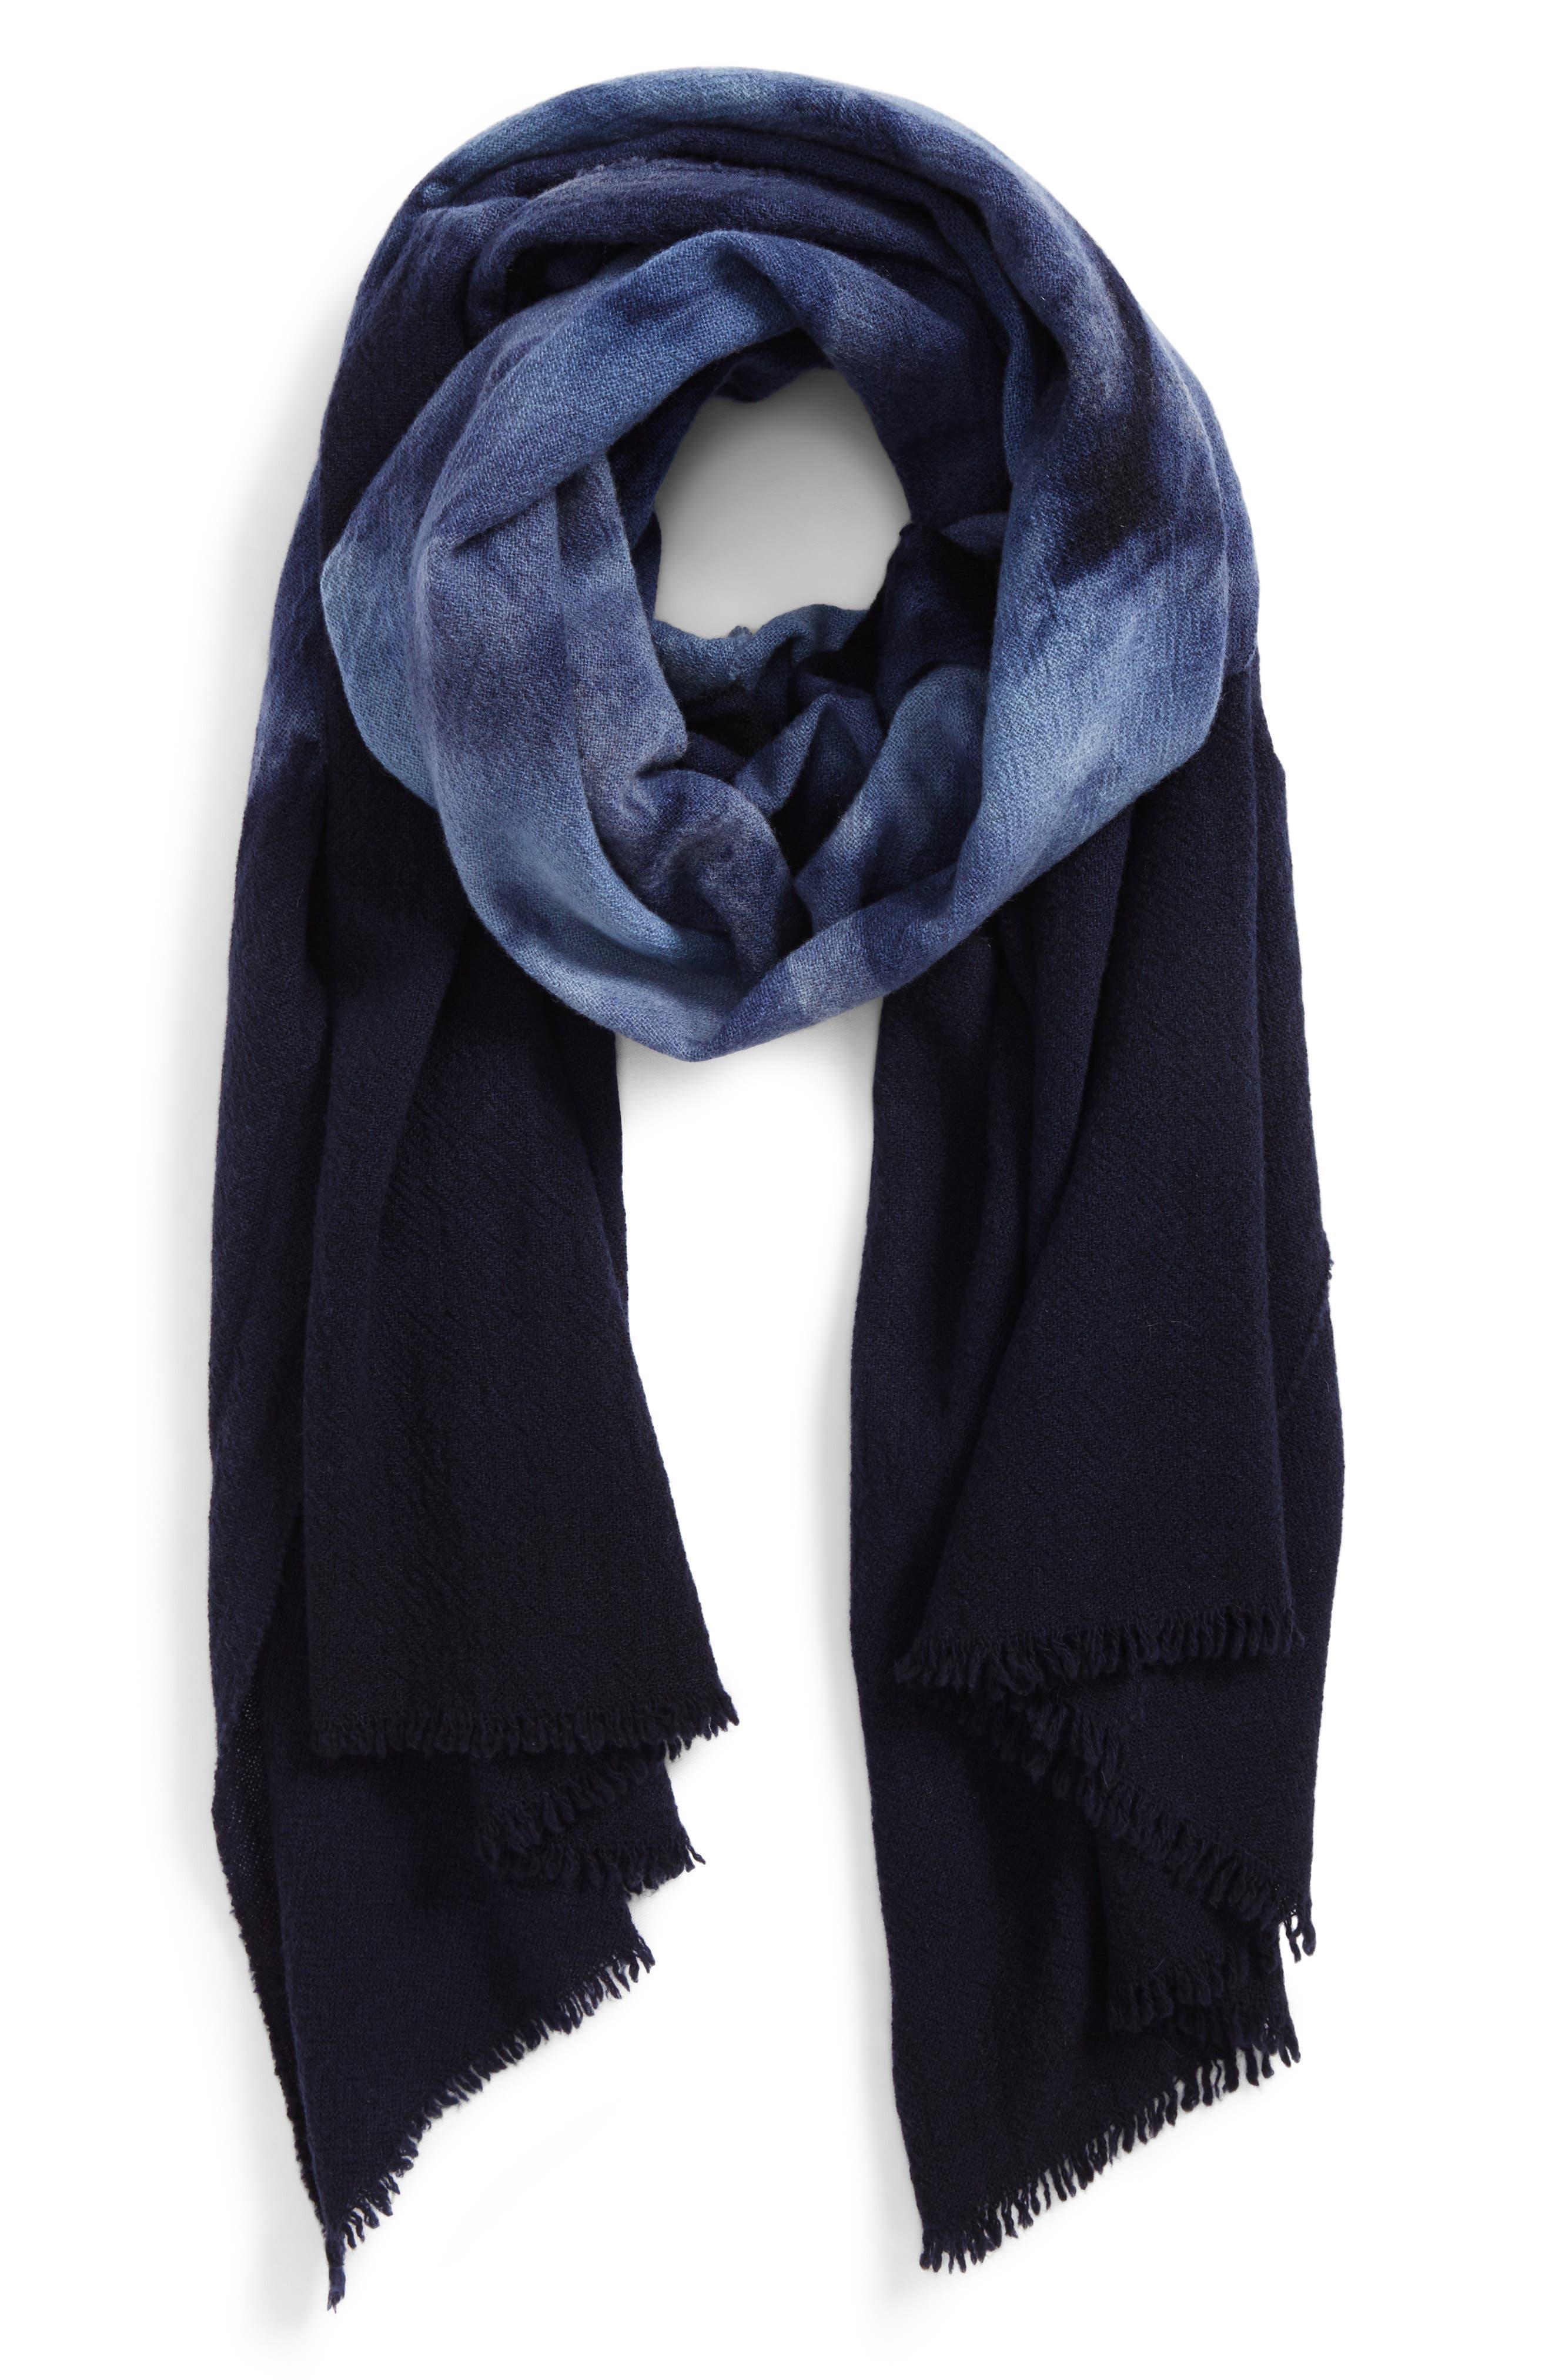 Alternate Image 1 Selected - Paul Smith Tie Dye Wool Scarf